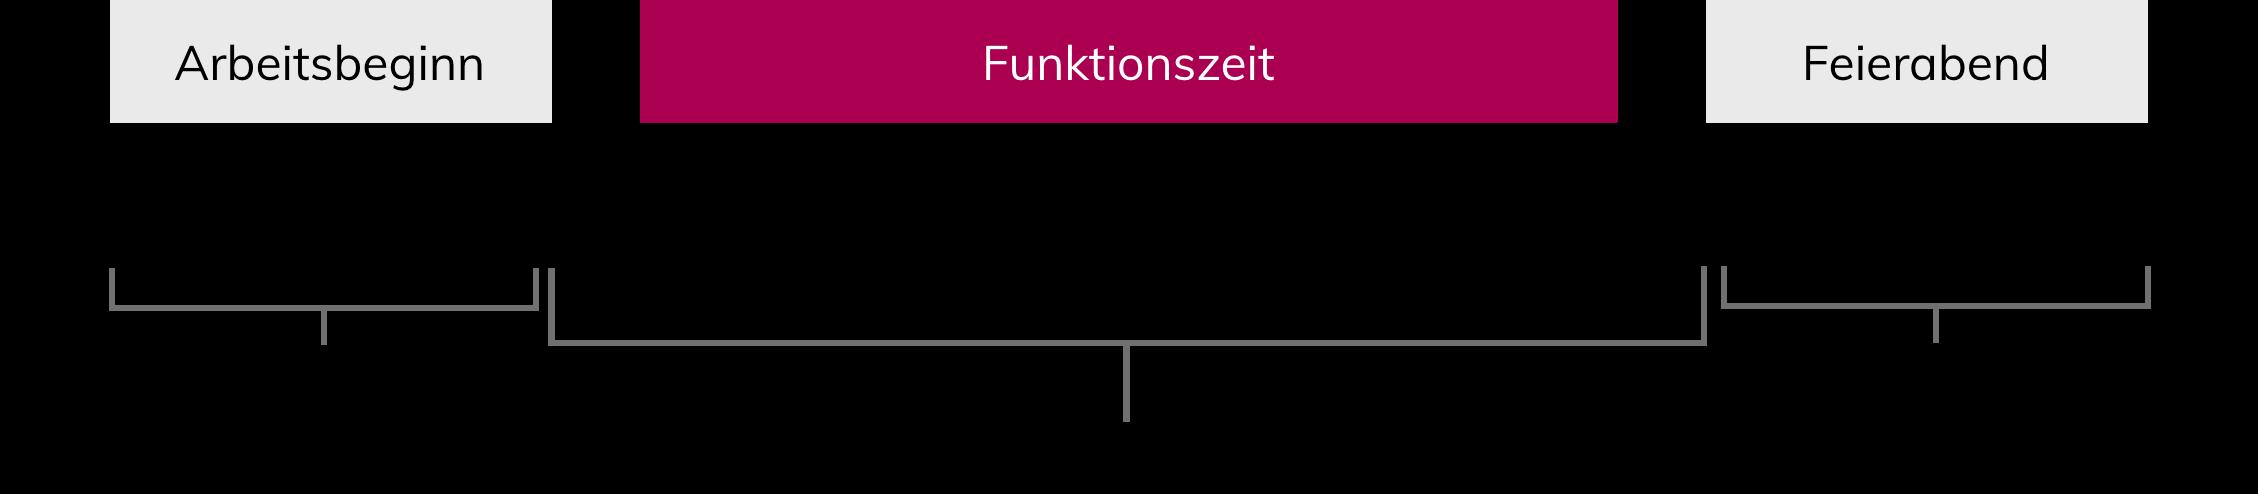 Funktionszeit Beispiel